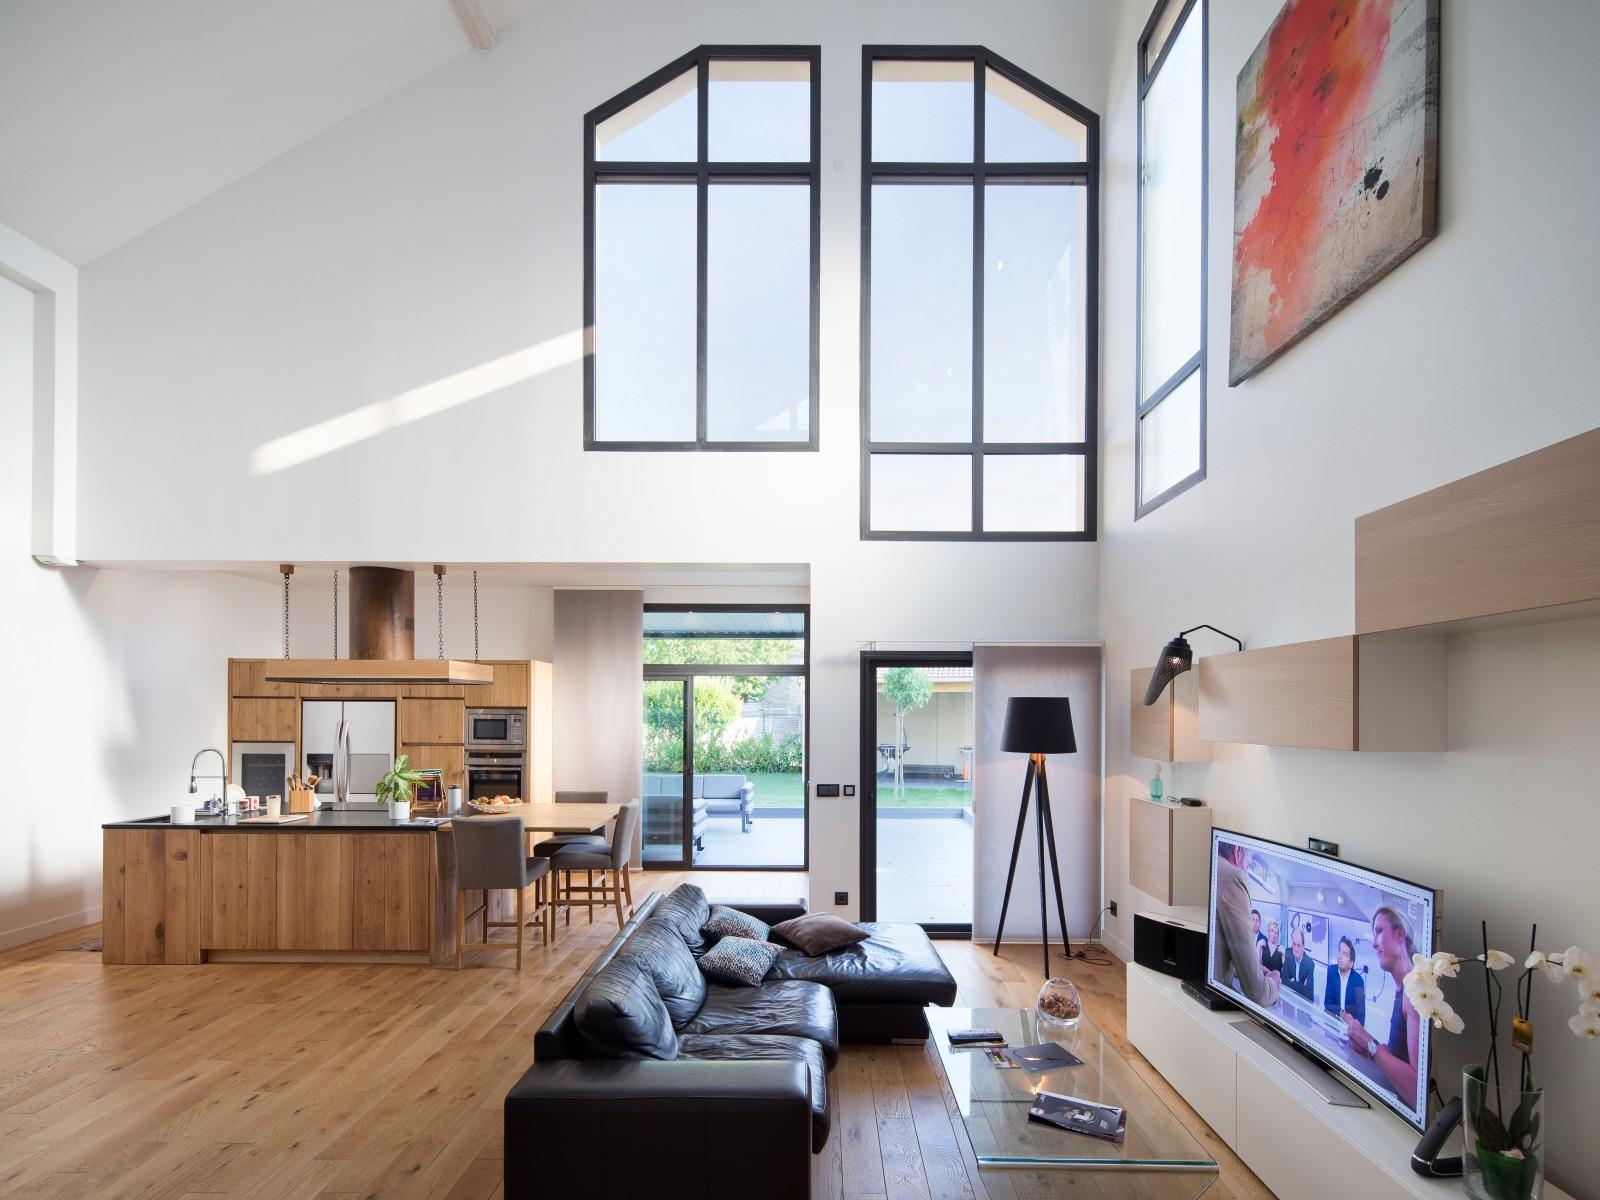 Fenetre Alu Noir Avis fenêtre, porte fenêtre et menuiserie aluminium sur-mesure